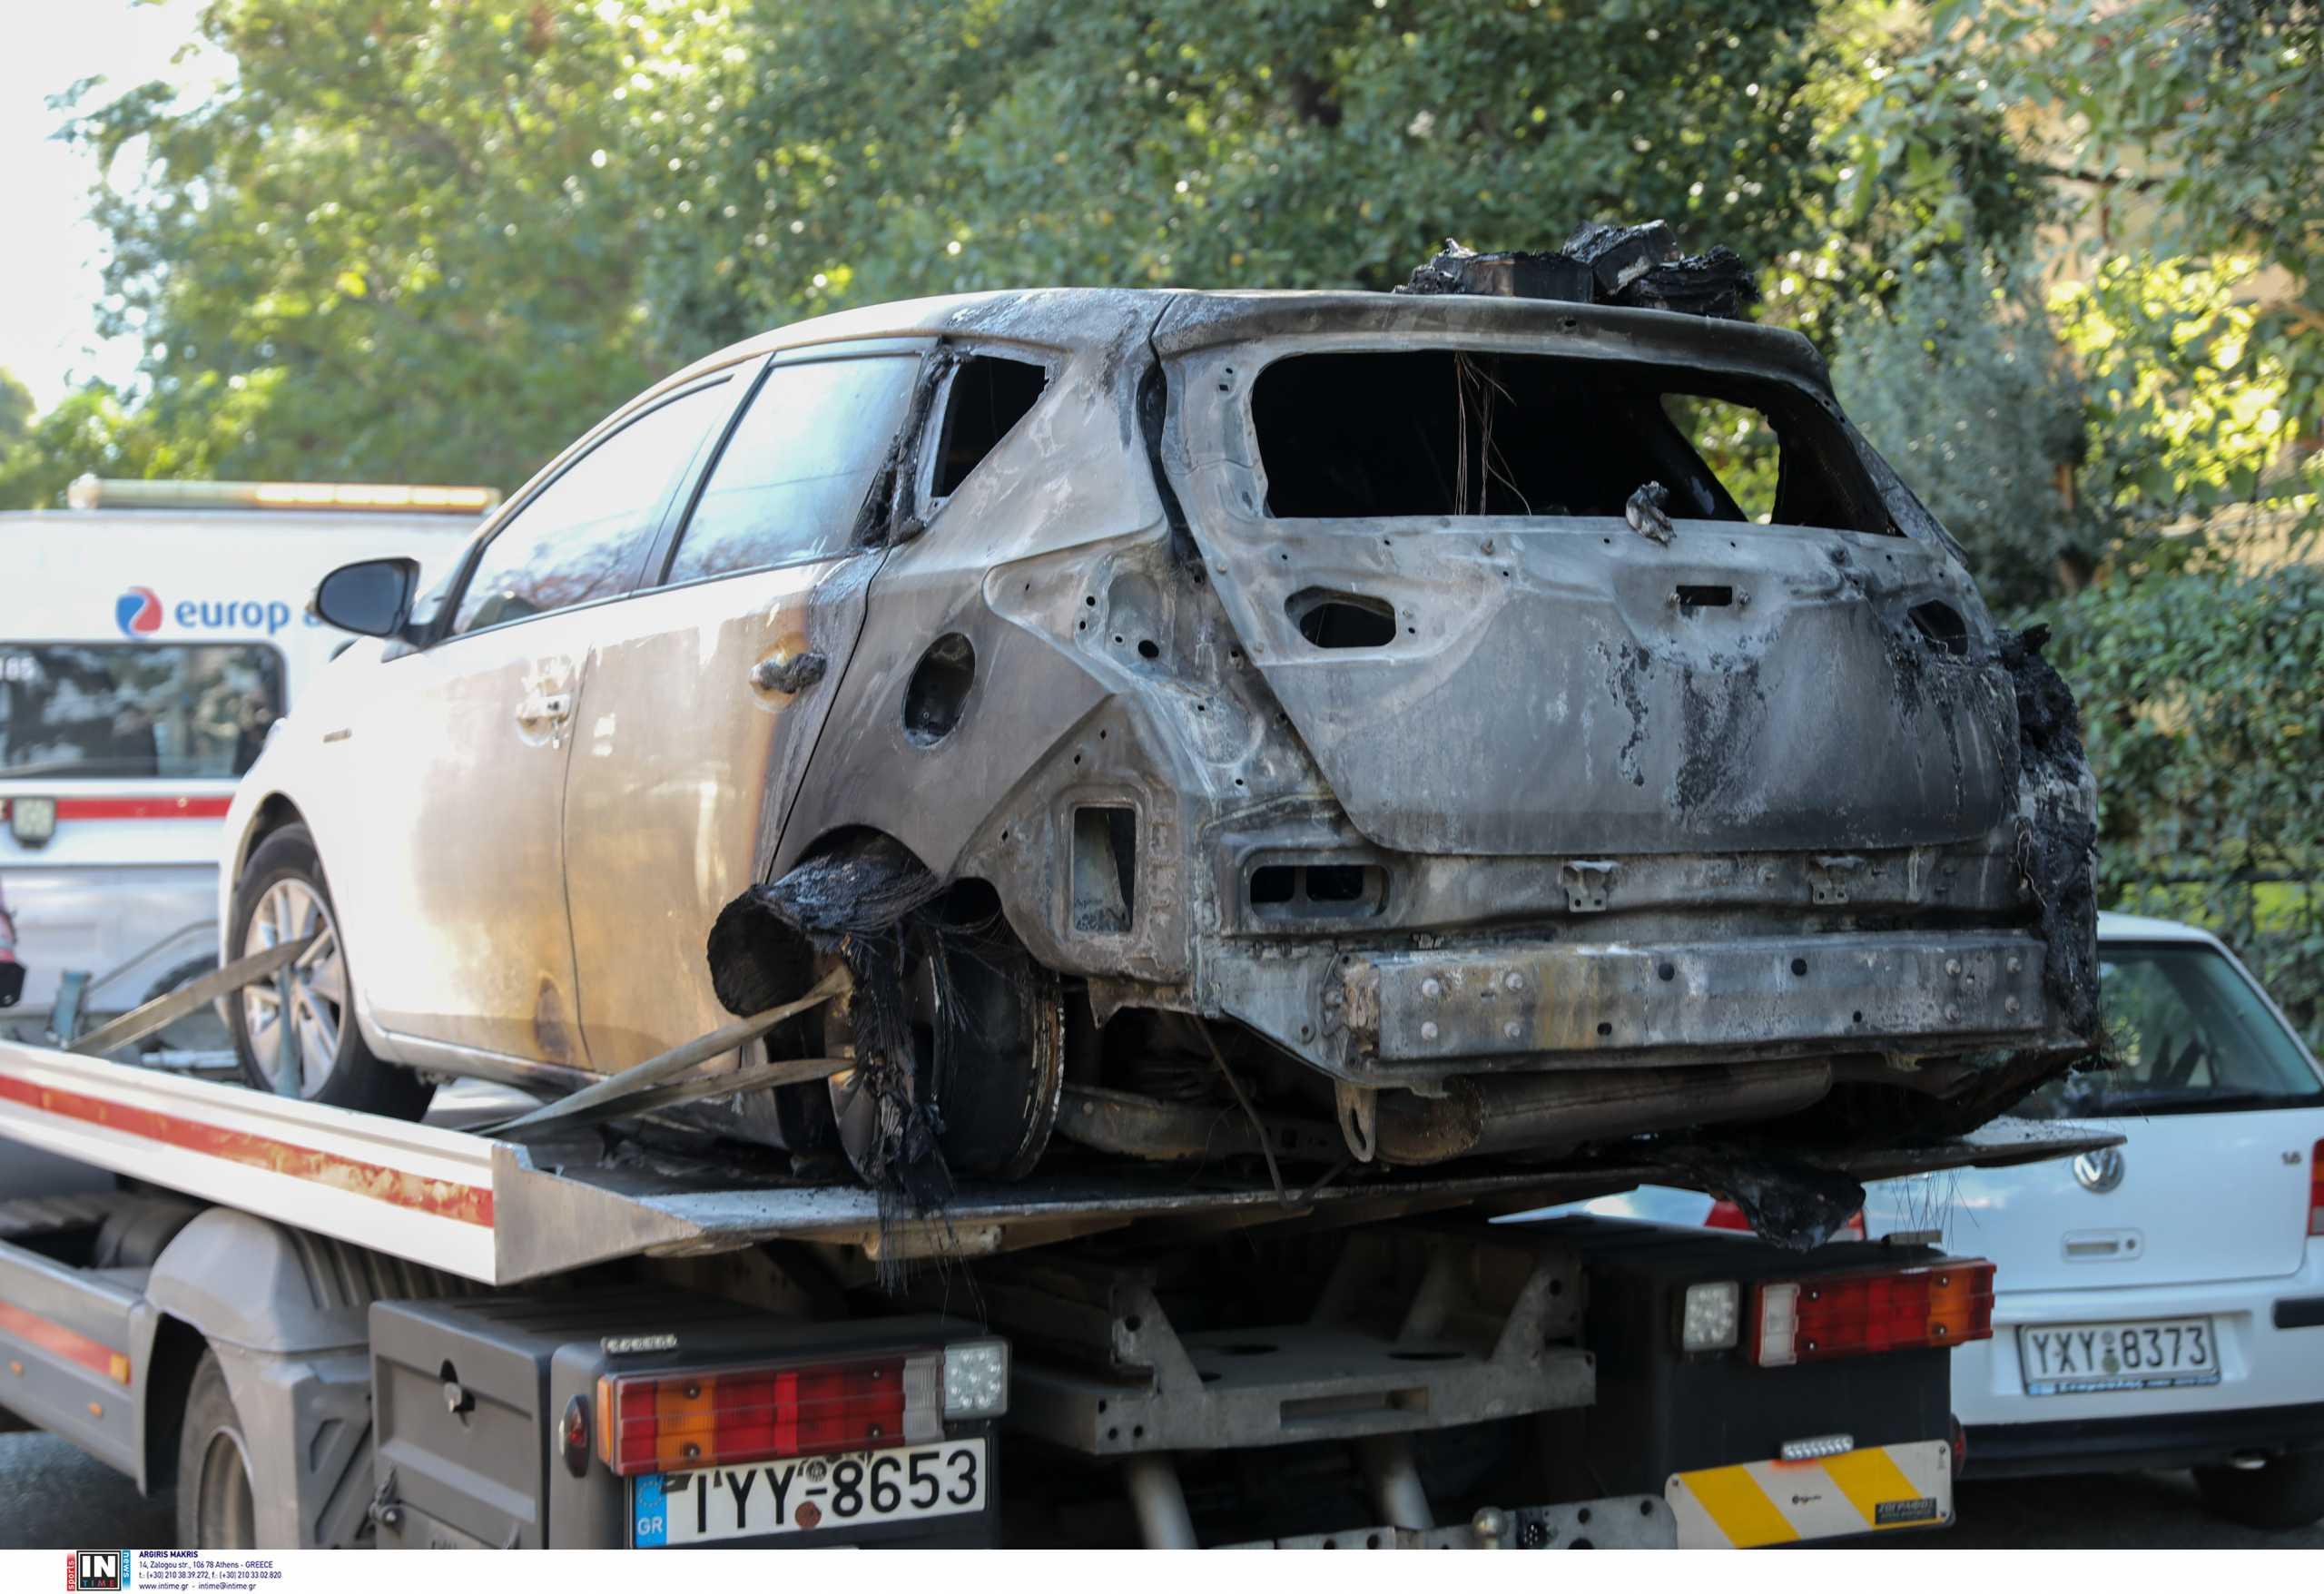 Έκαψαν το αυτοκίνητο της Ελένης Ζαρούλια